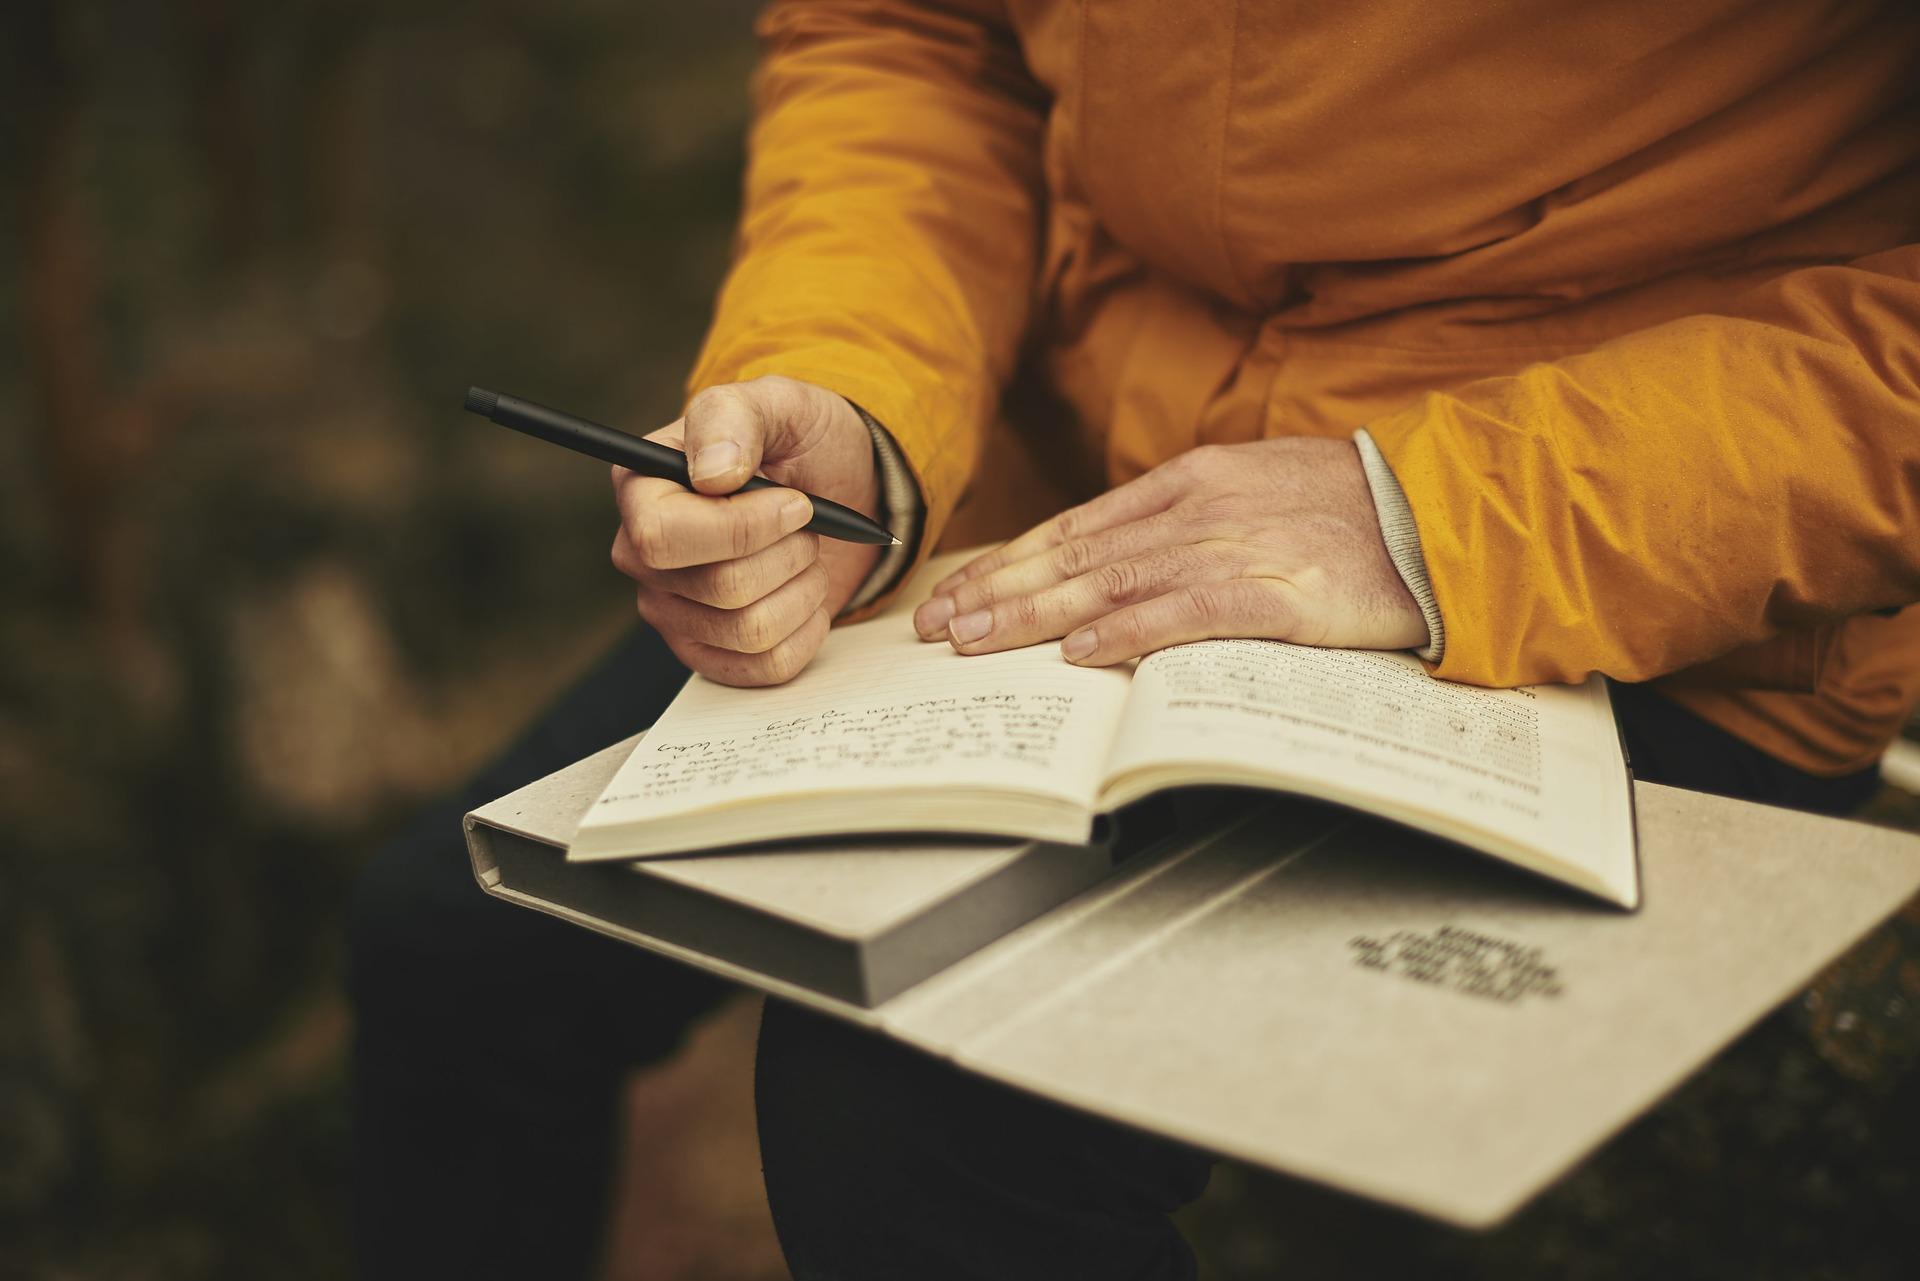 日記をつけるメリット【思考の整理・脳の負荷軽減・心が落ち着く】